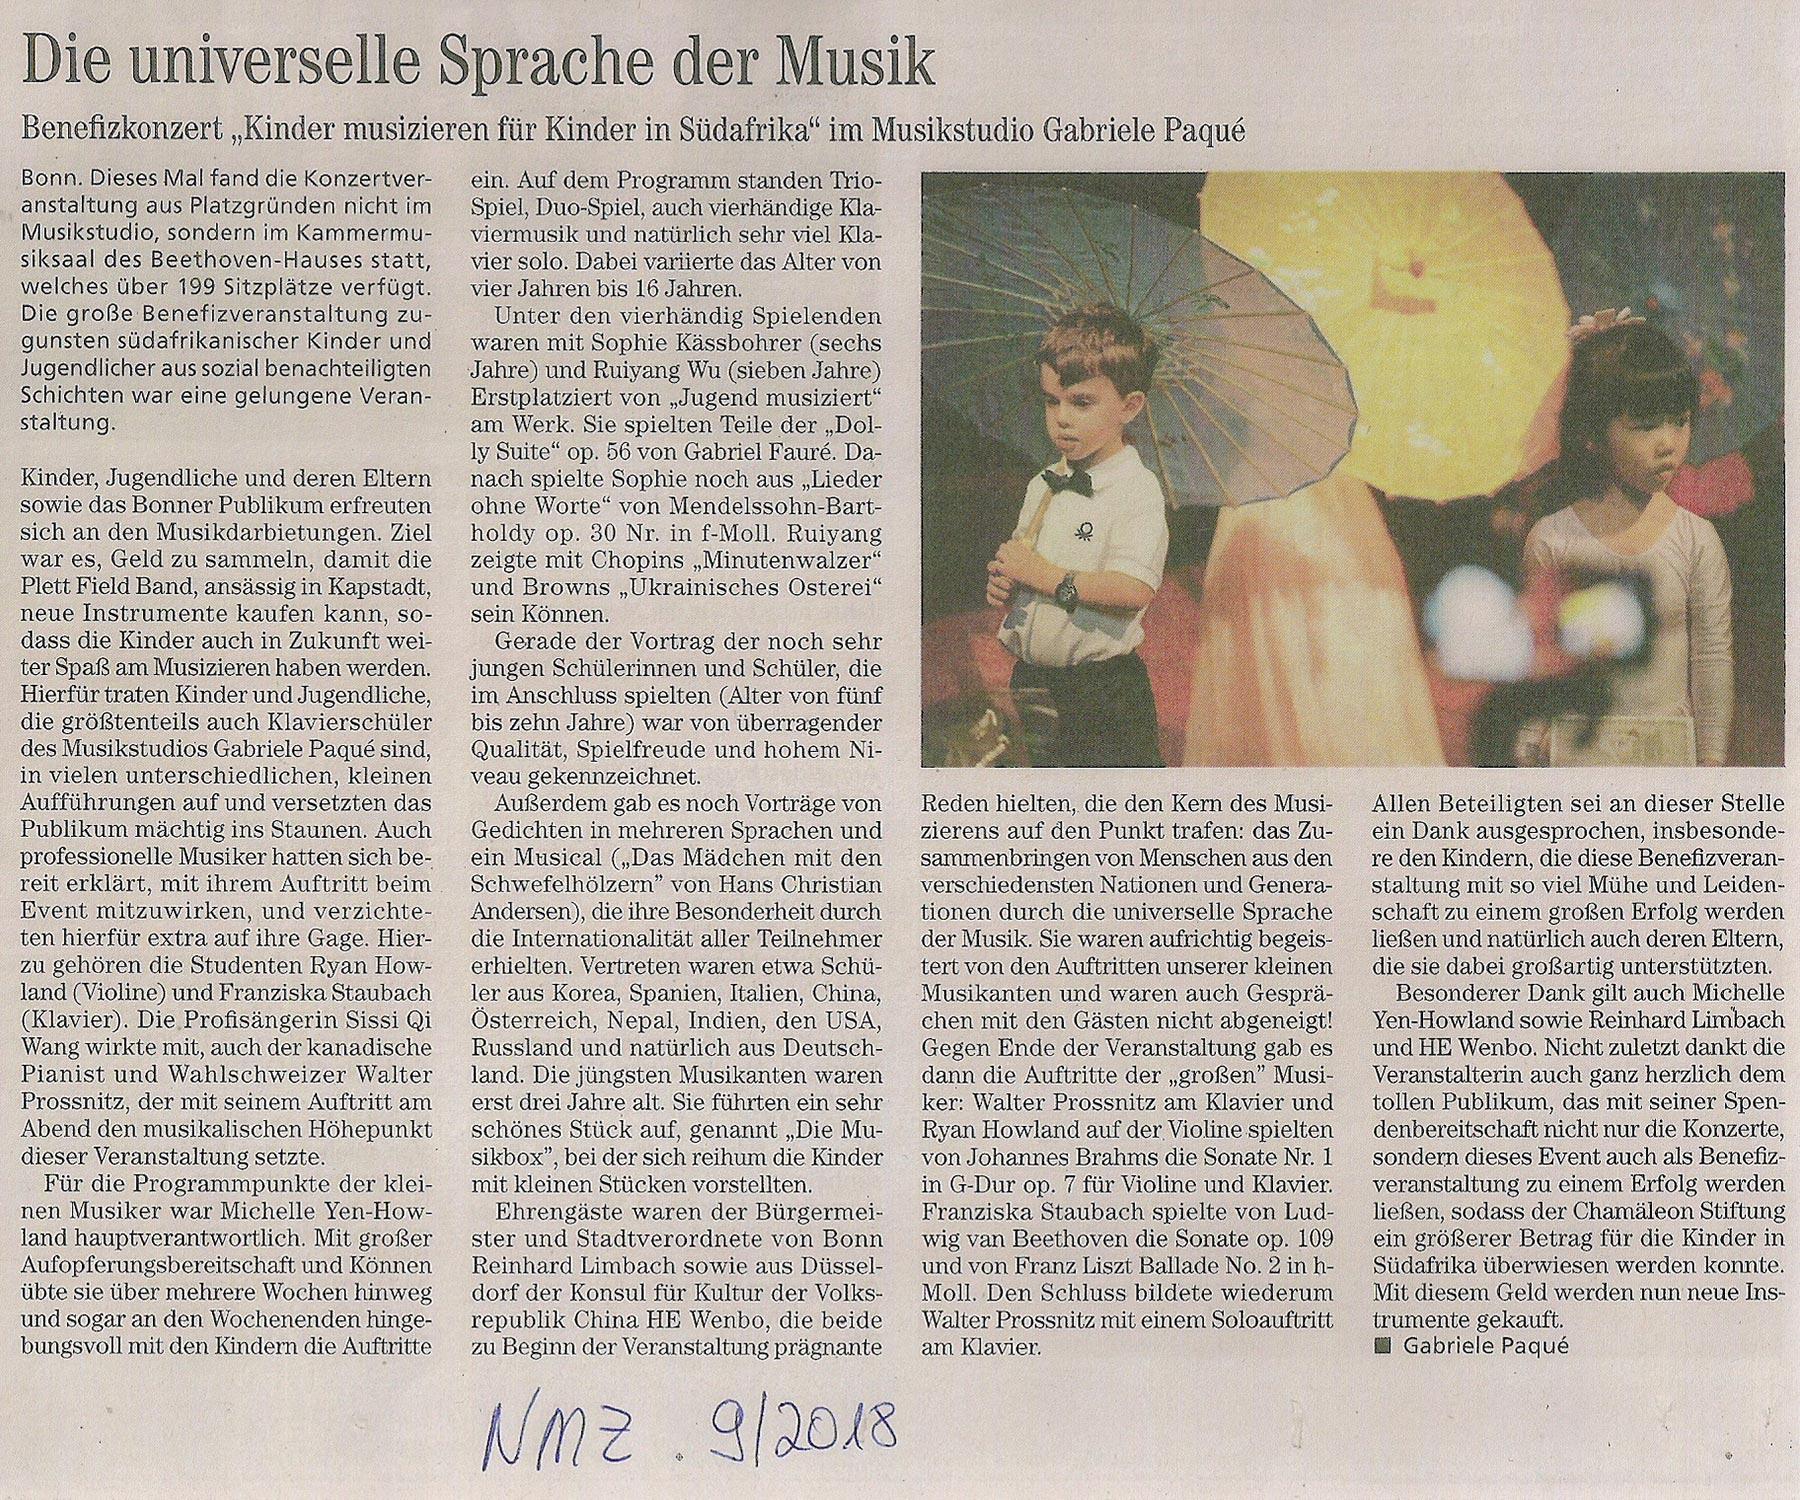 Zeitungsartikel der NMZ zur Benefizveranstaltung 2018 im Musikstudio Paqué